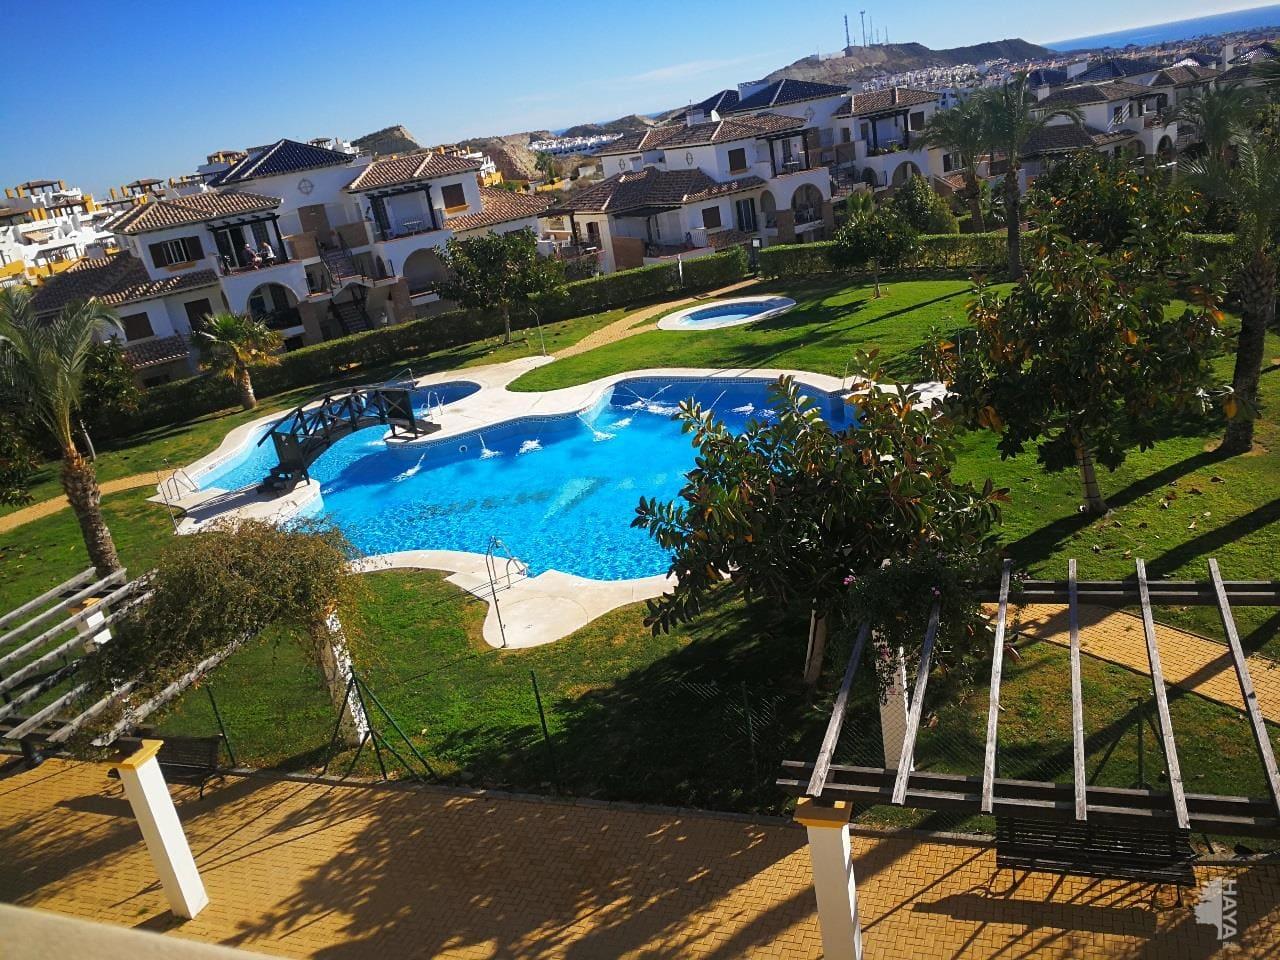 Piso en venta en Vera Playa, Vera, Almería, Urbanización Al - Andalus V, 113.400 €, 3 habitaciones, 2 baños, 90 m2